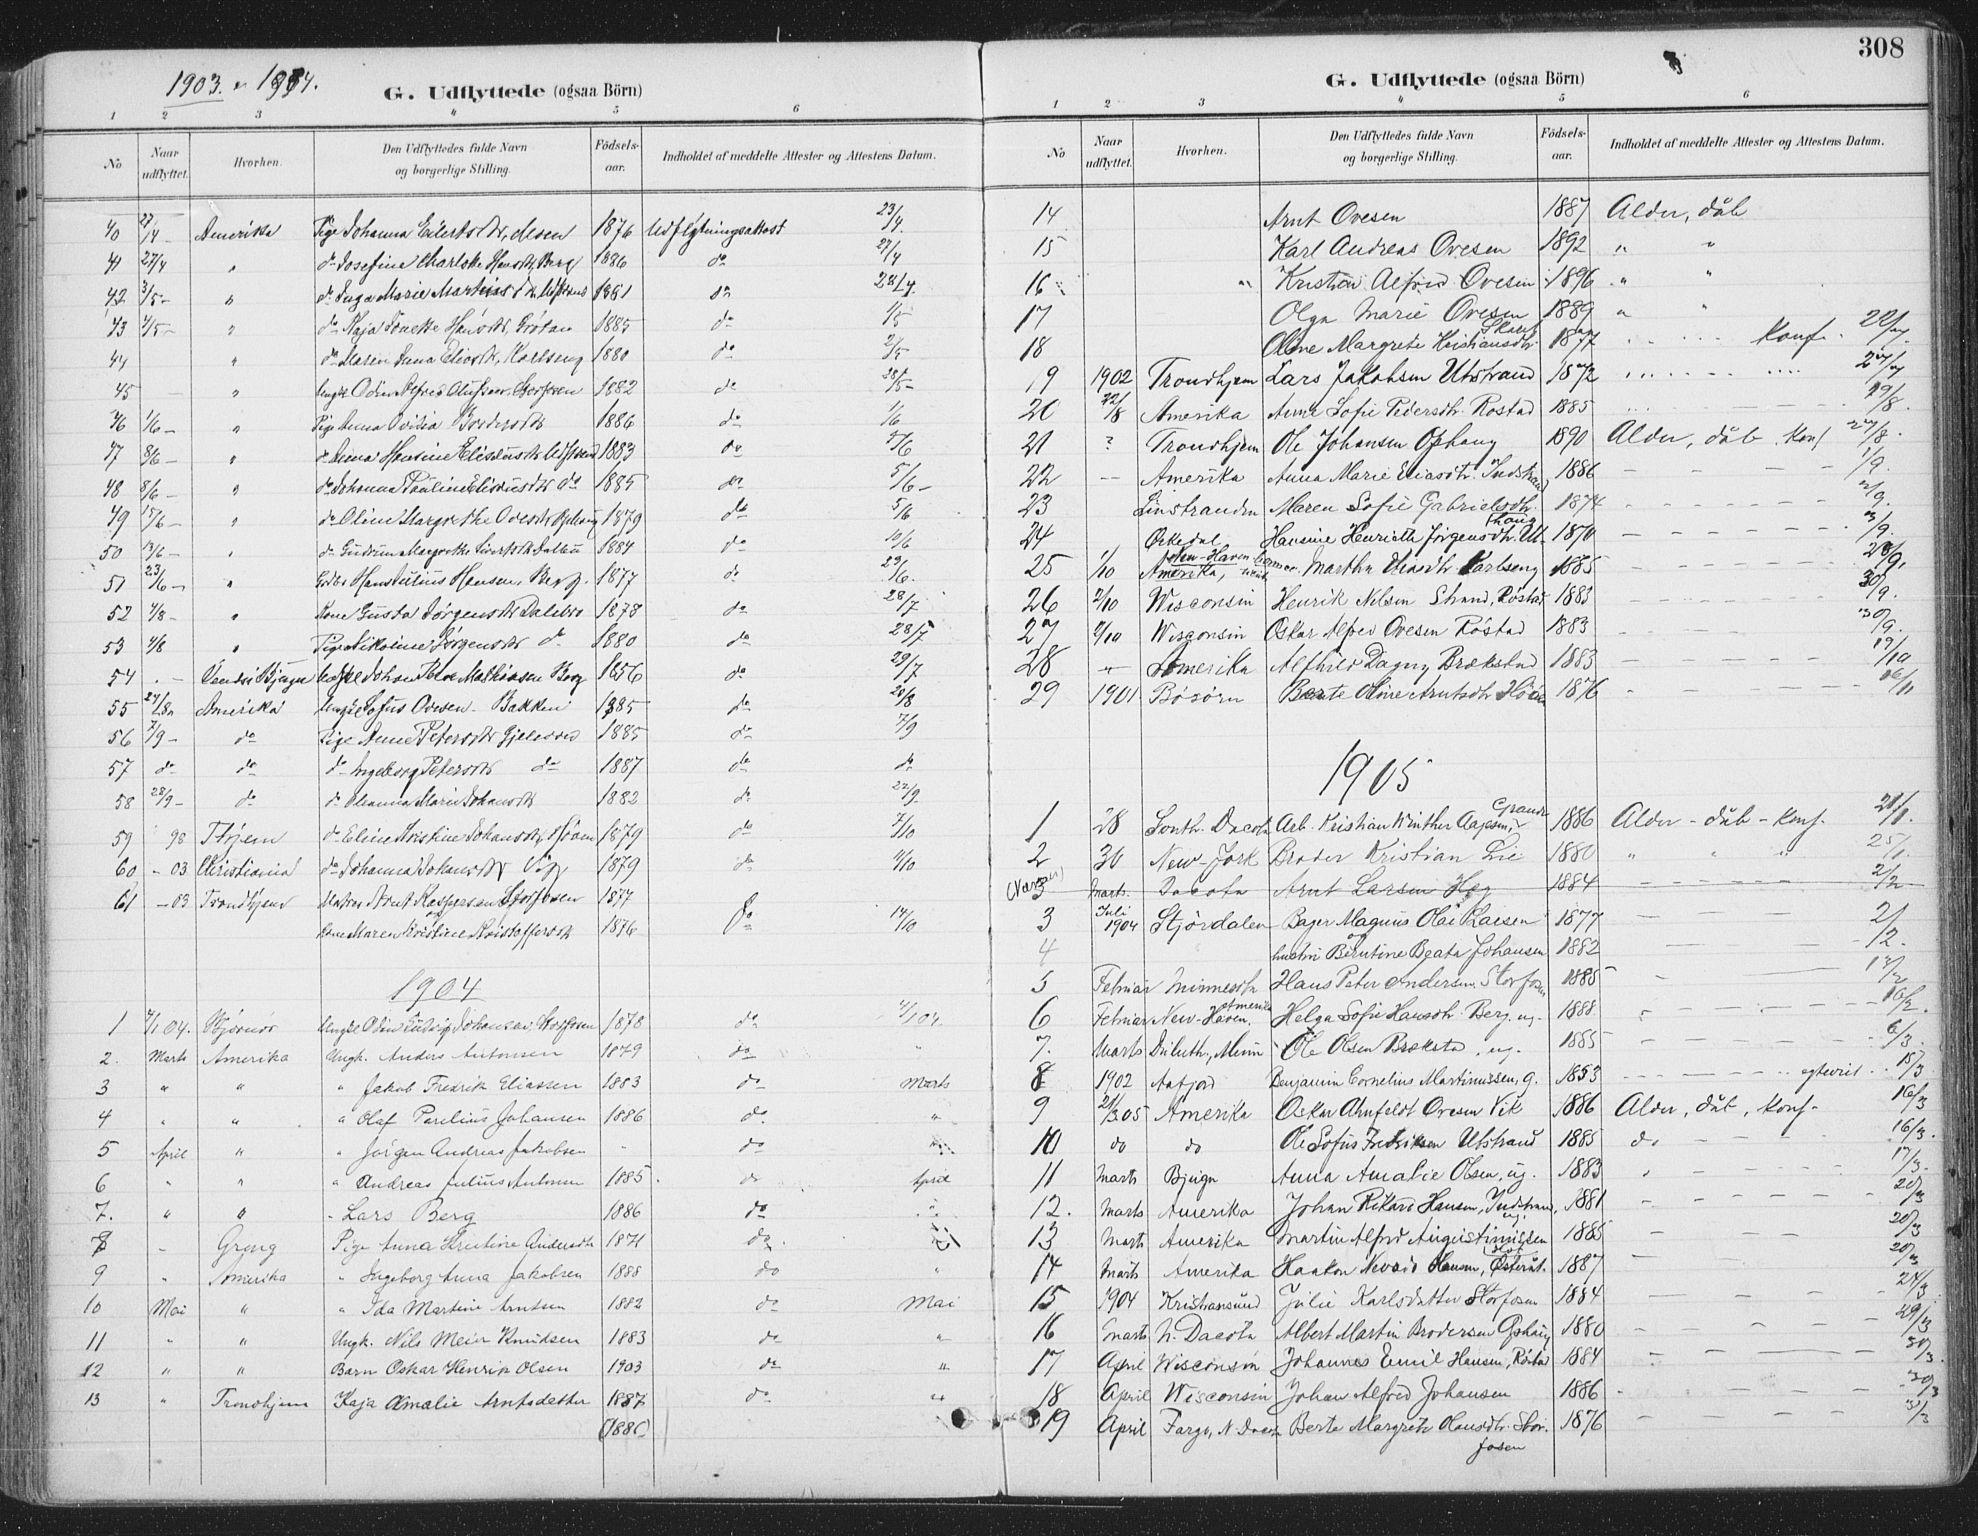 SAT, Ministerialprotokoller, klokkerbøker og fødselsregistre - Sør-Trøndelag, 659/L0743: Ministerialbok nr. 659A13, 1893-1910, s. 308